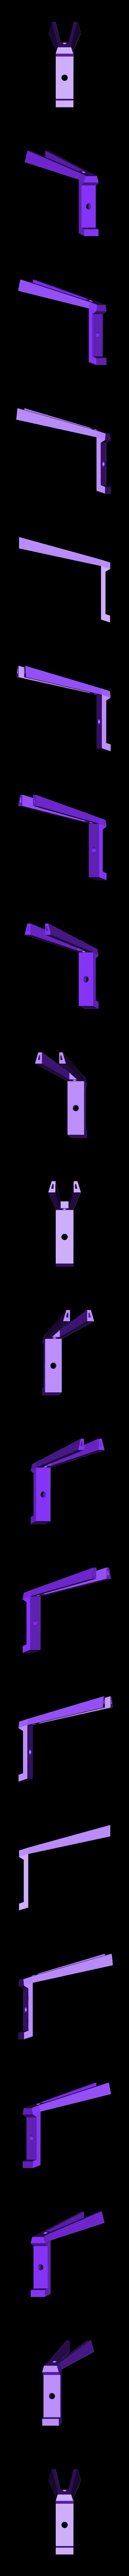 sp-001_-_top_-_by_wmontoza_v1.0.stl Télécharger fichier STL gratuit Soutien par casque • Objet pour impression 3D, wmontoza